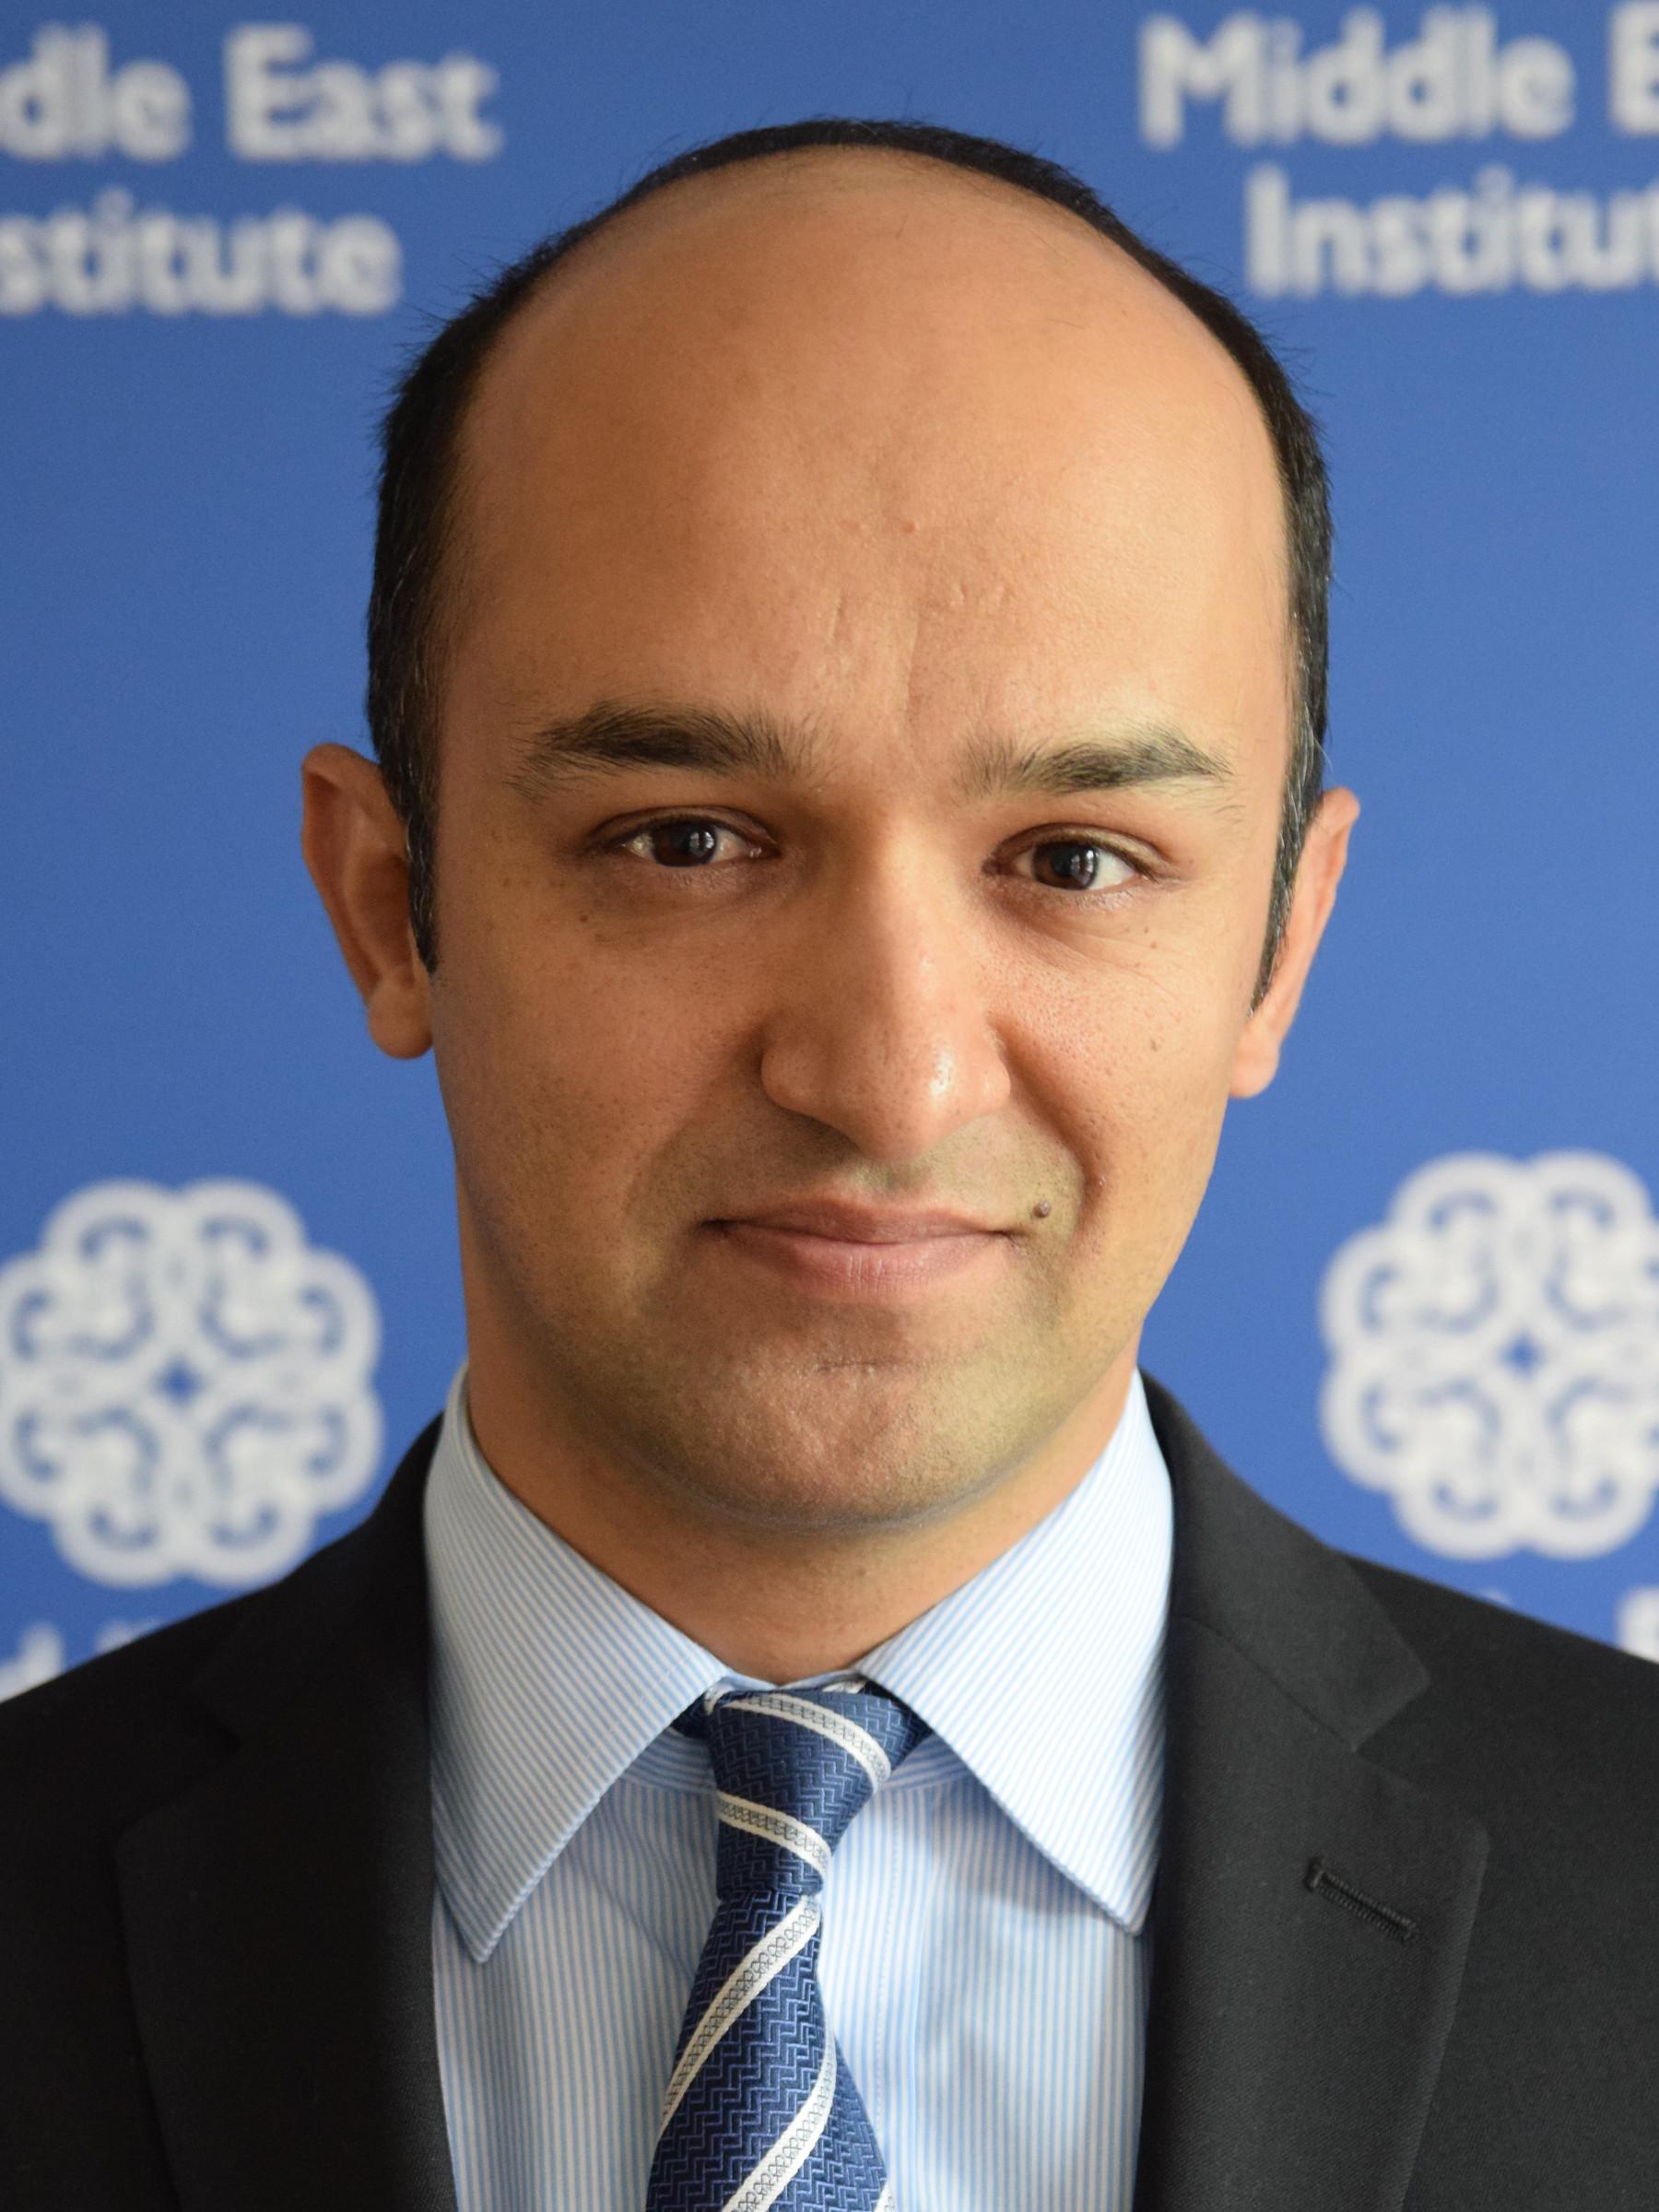 Ahmad Majidyar